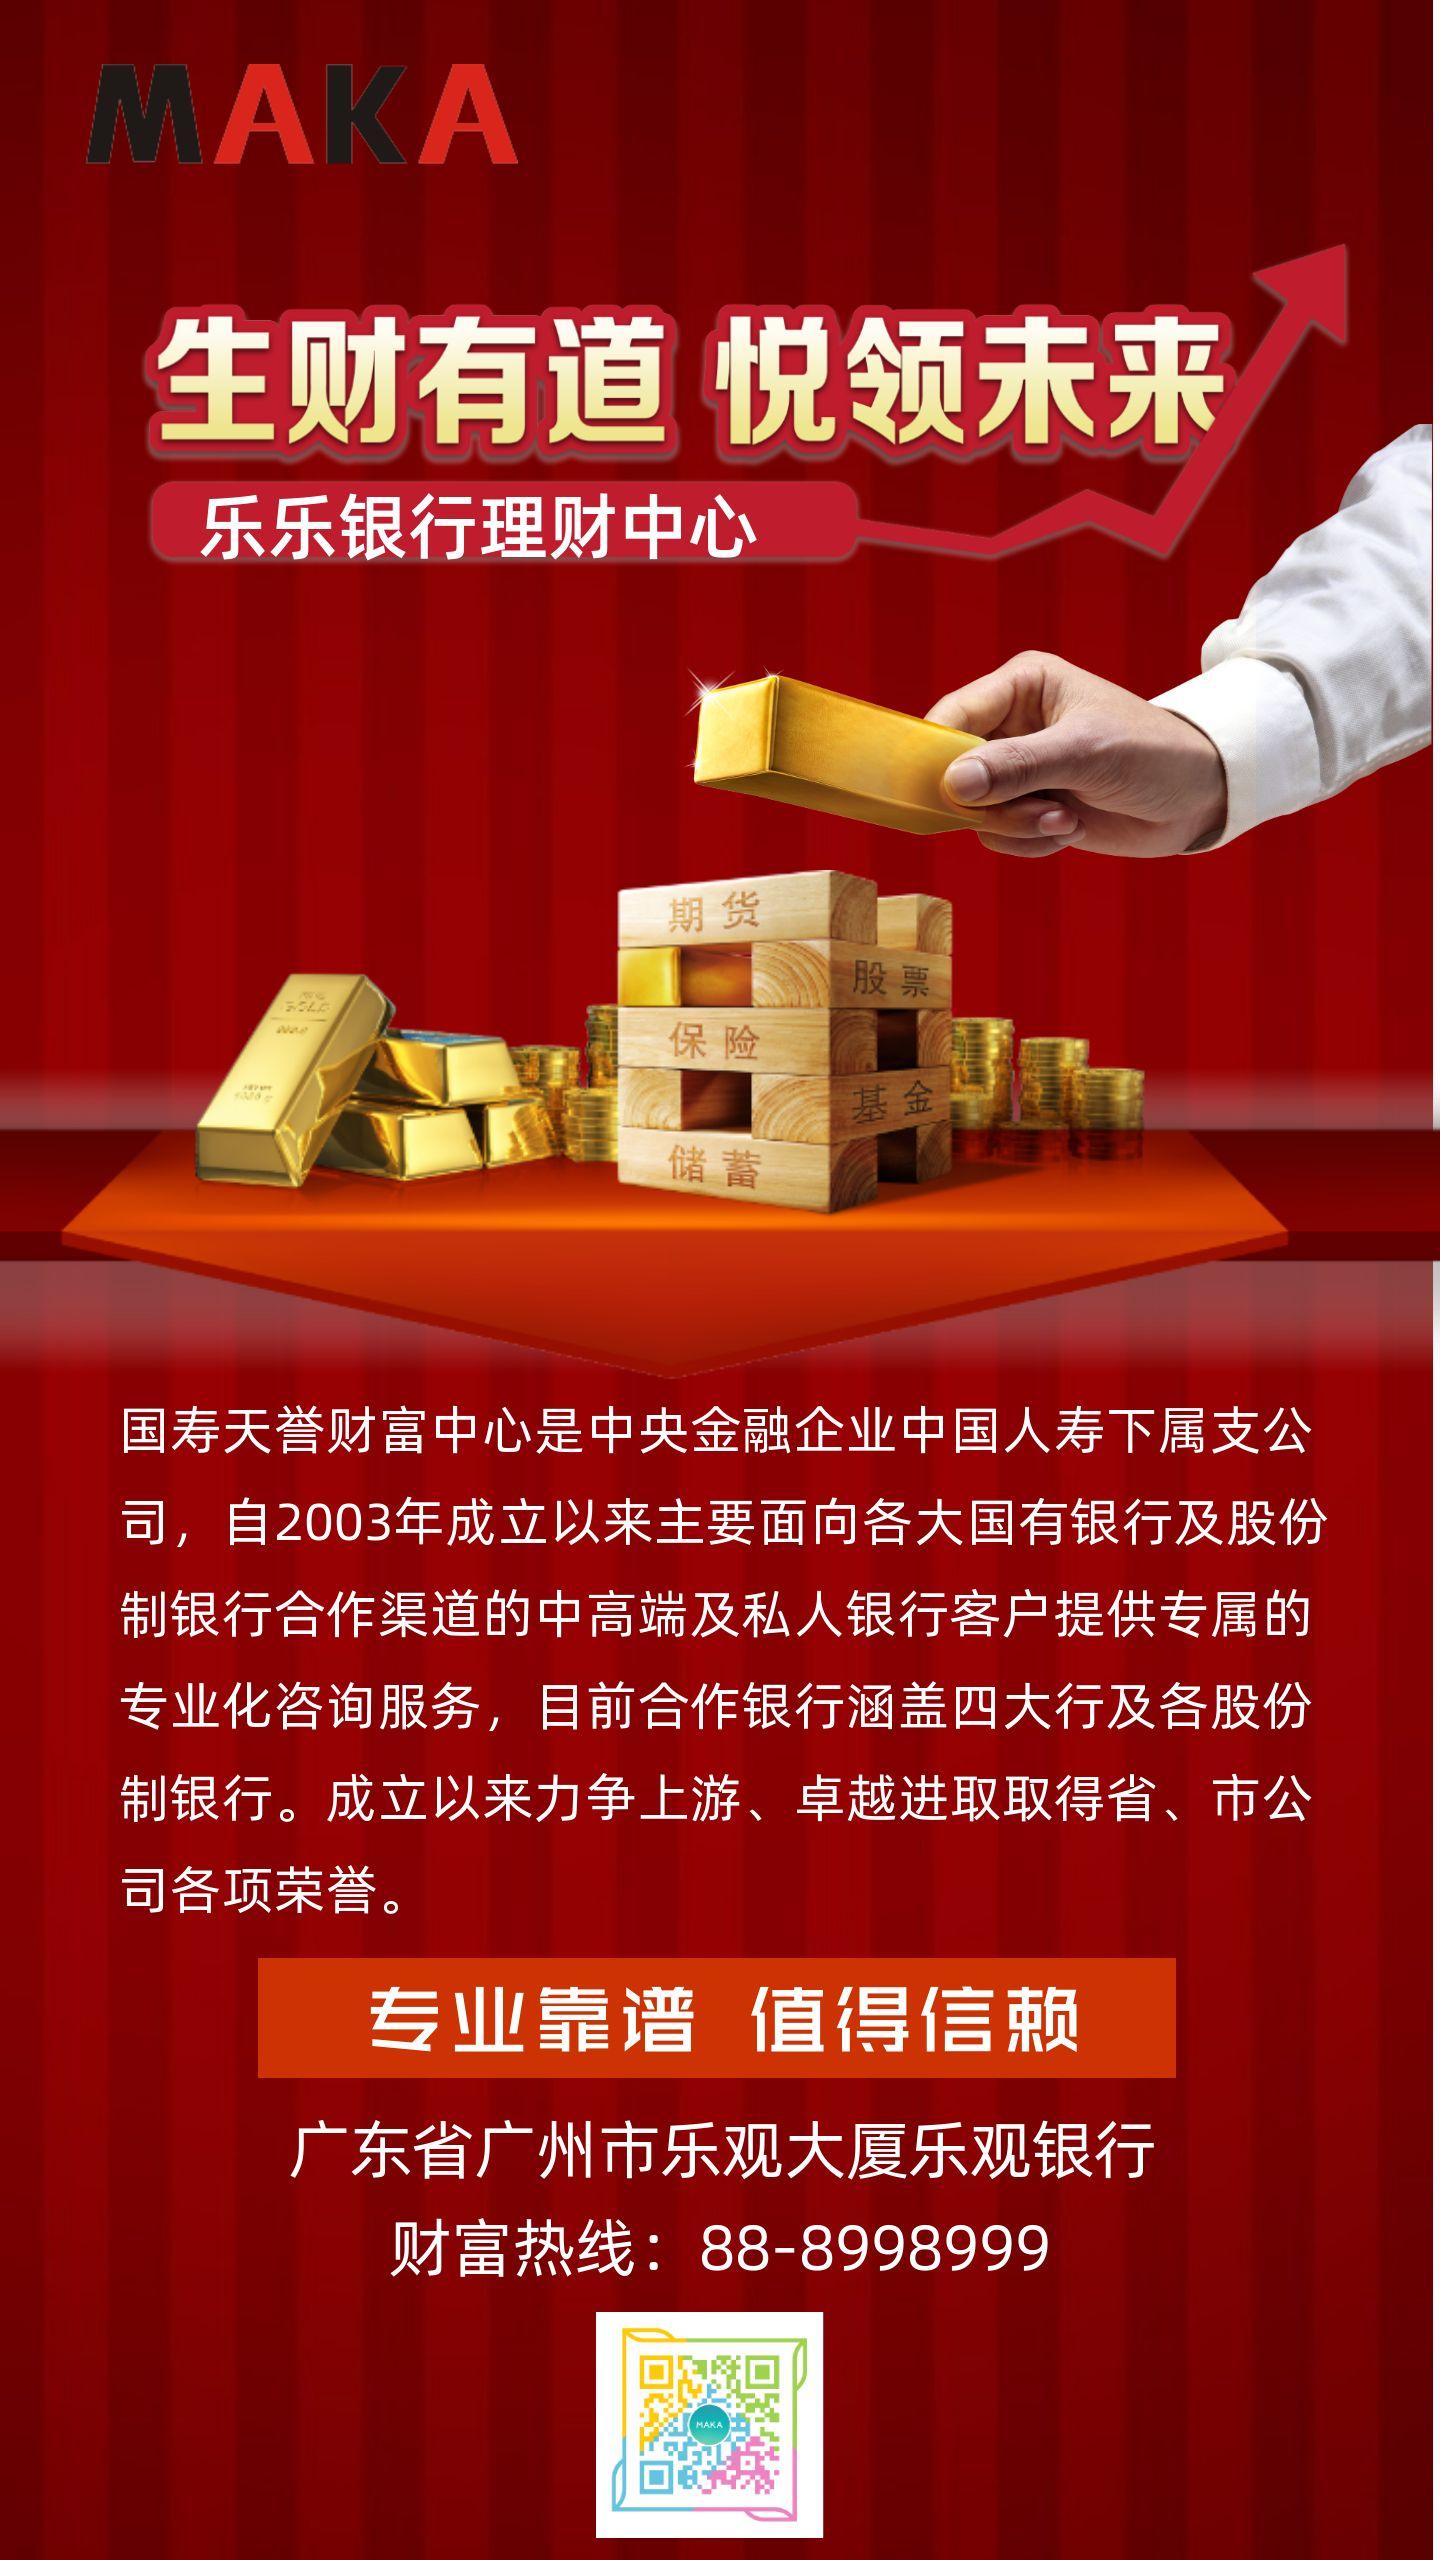 保险产品营销方案   道客巴巴